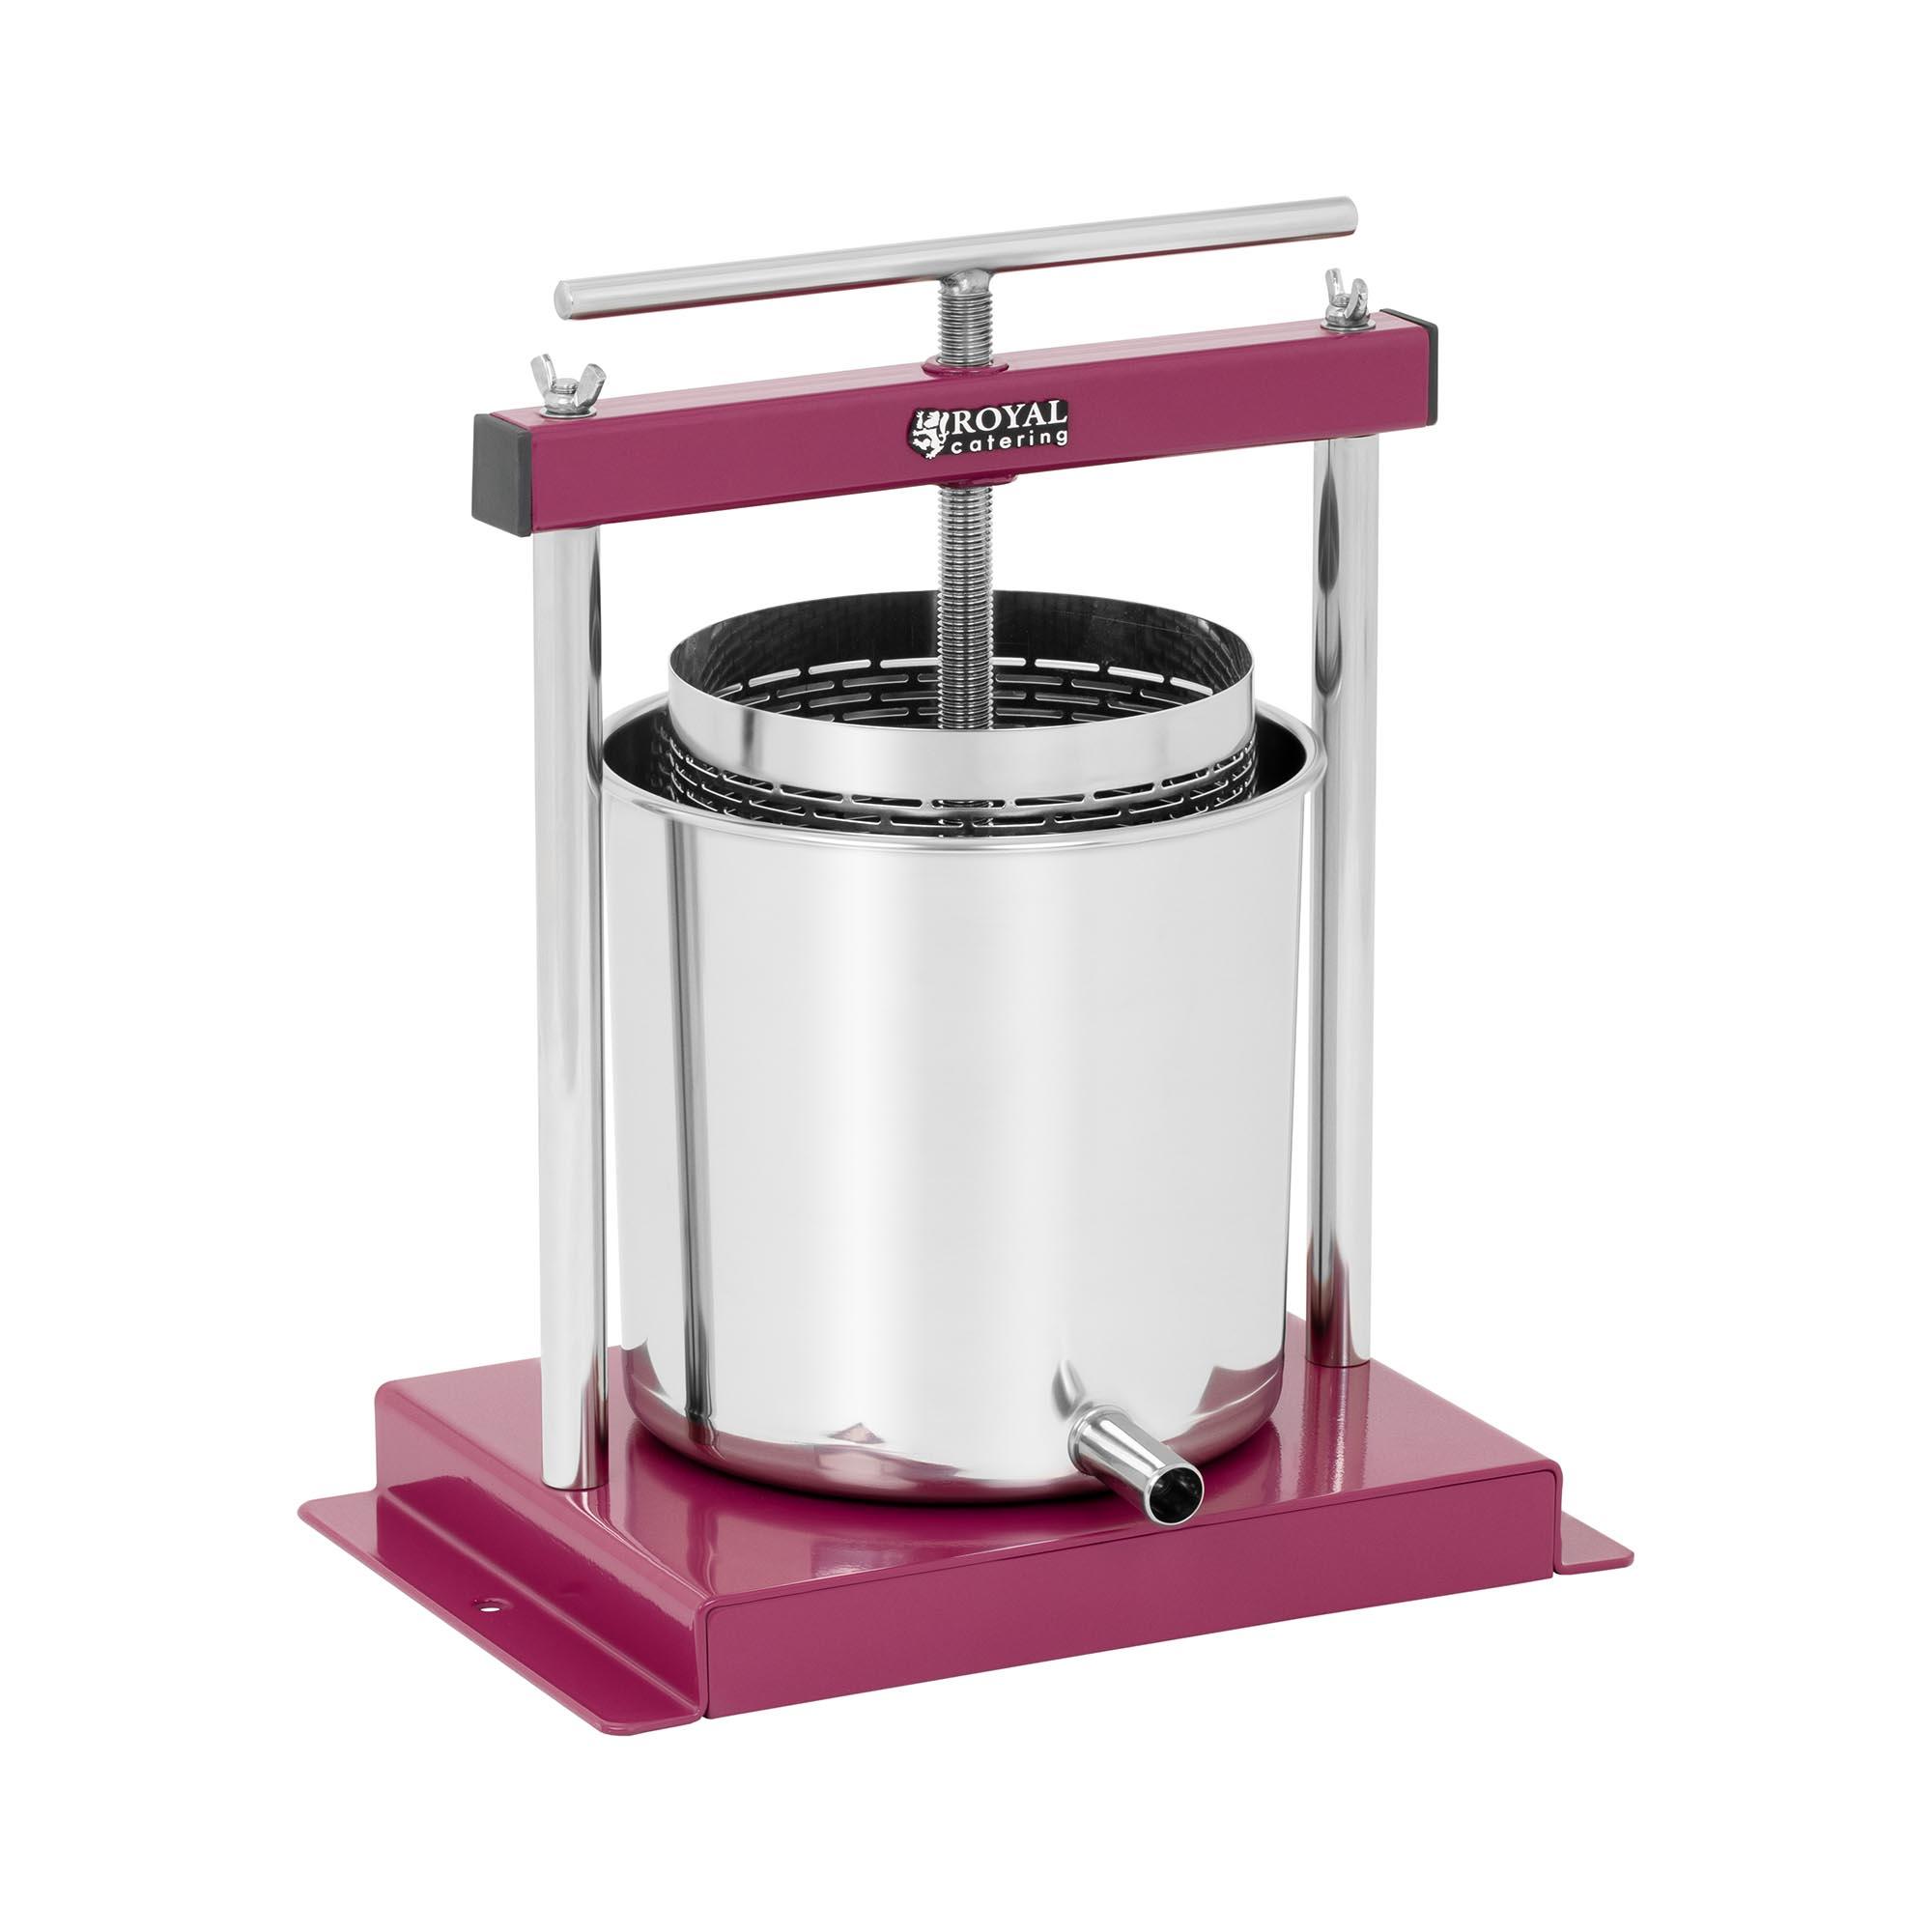 Royal Catering Fruktpresse - rustfritt stål - 4,5 liter - inkl. oppsamlingsbeholder 10011494